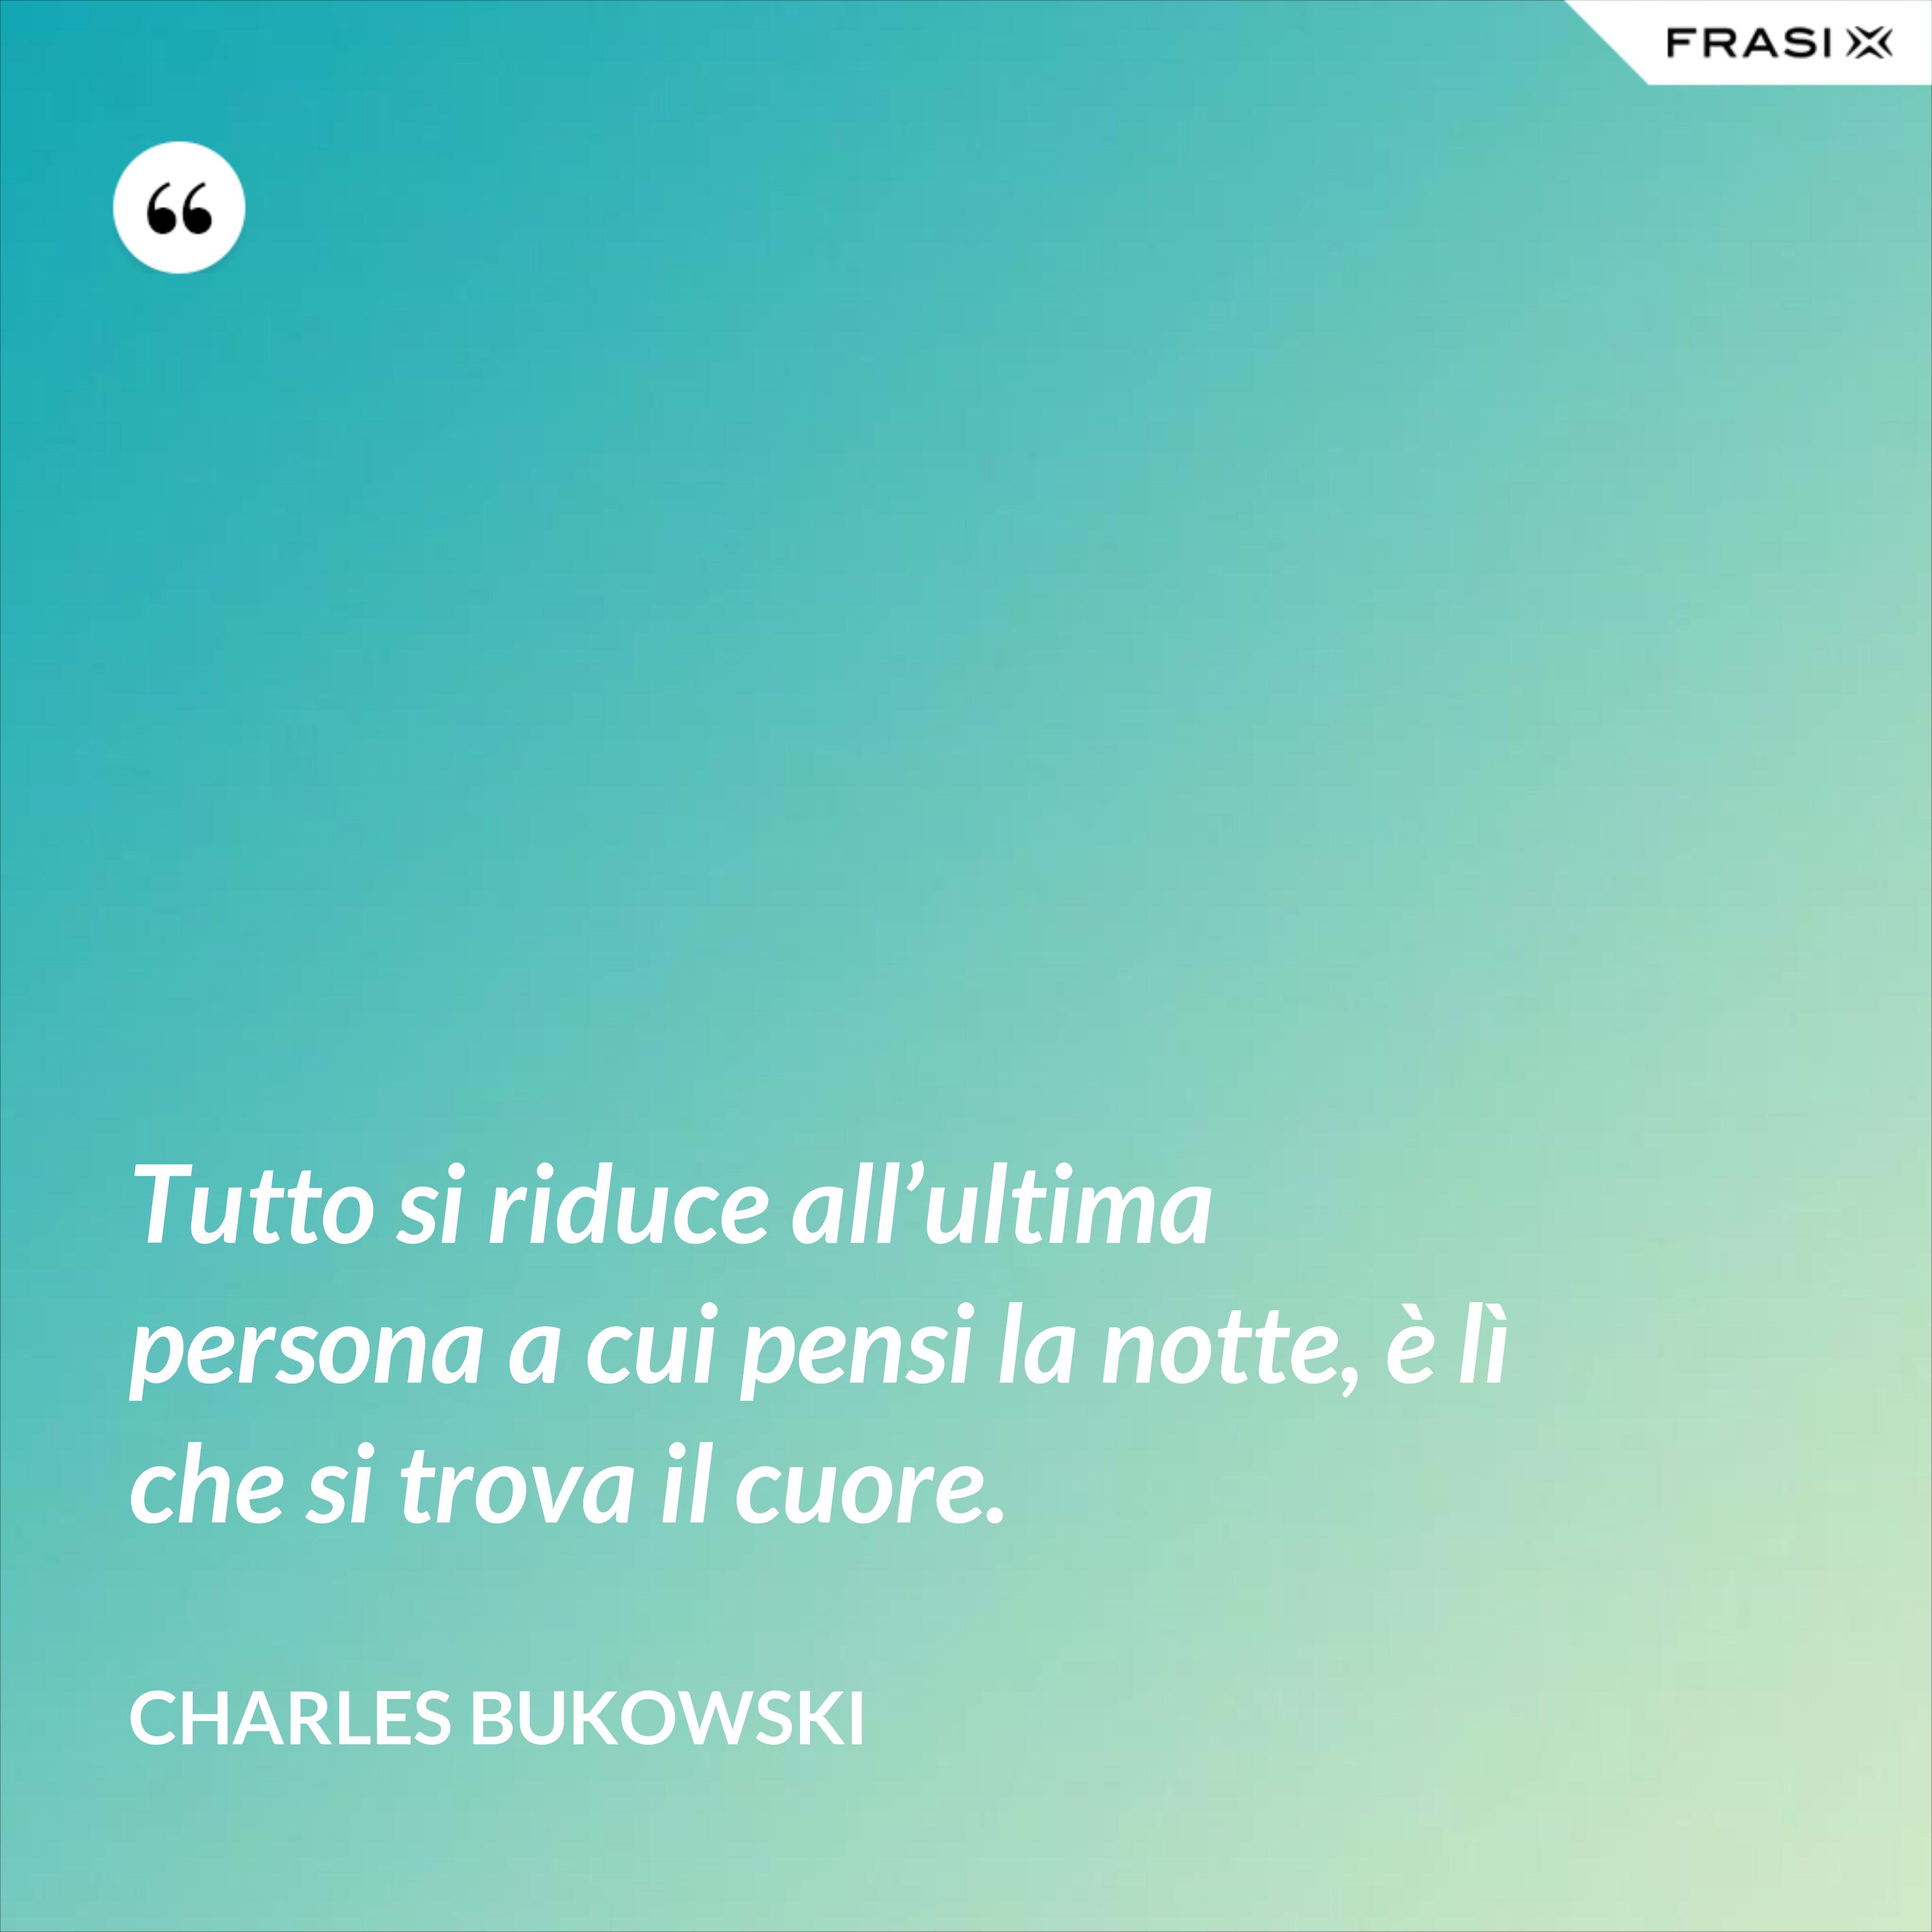 Tutto si riduce all'ultima persona a cui pensi la notte, è lì che si trova il cuore. - Charles Bukowski